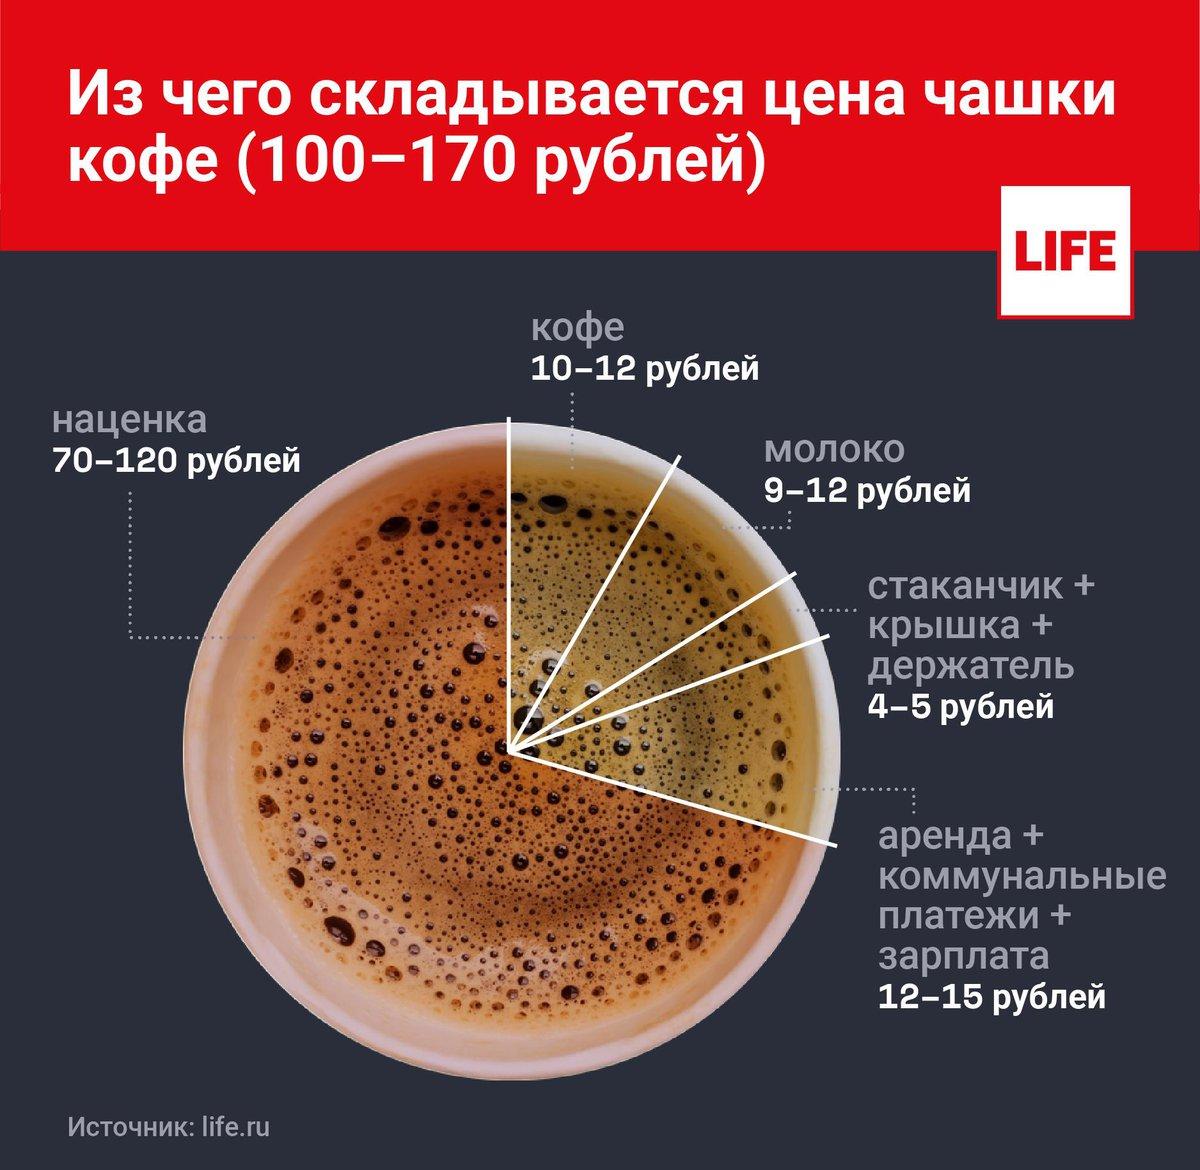 Составляющие цены чашки кофе